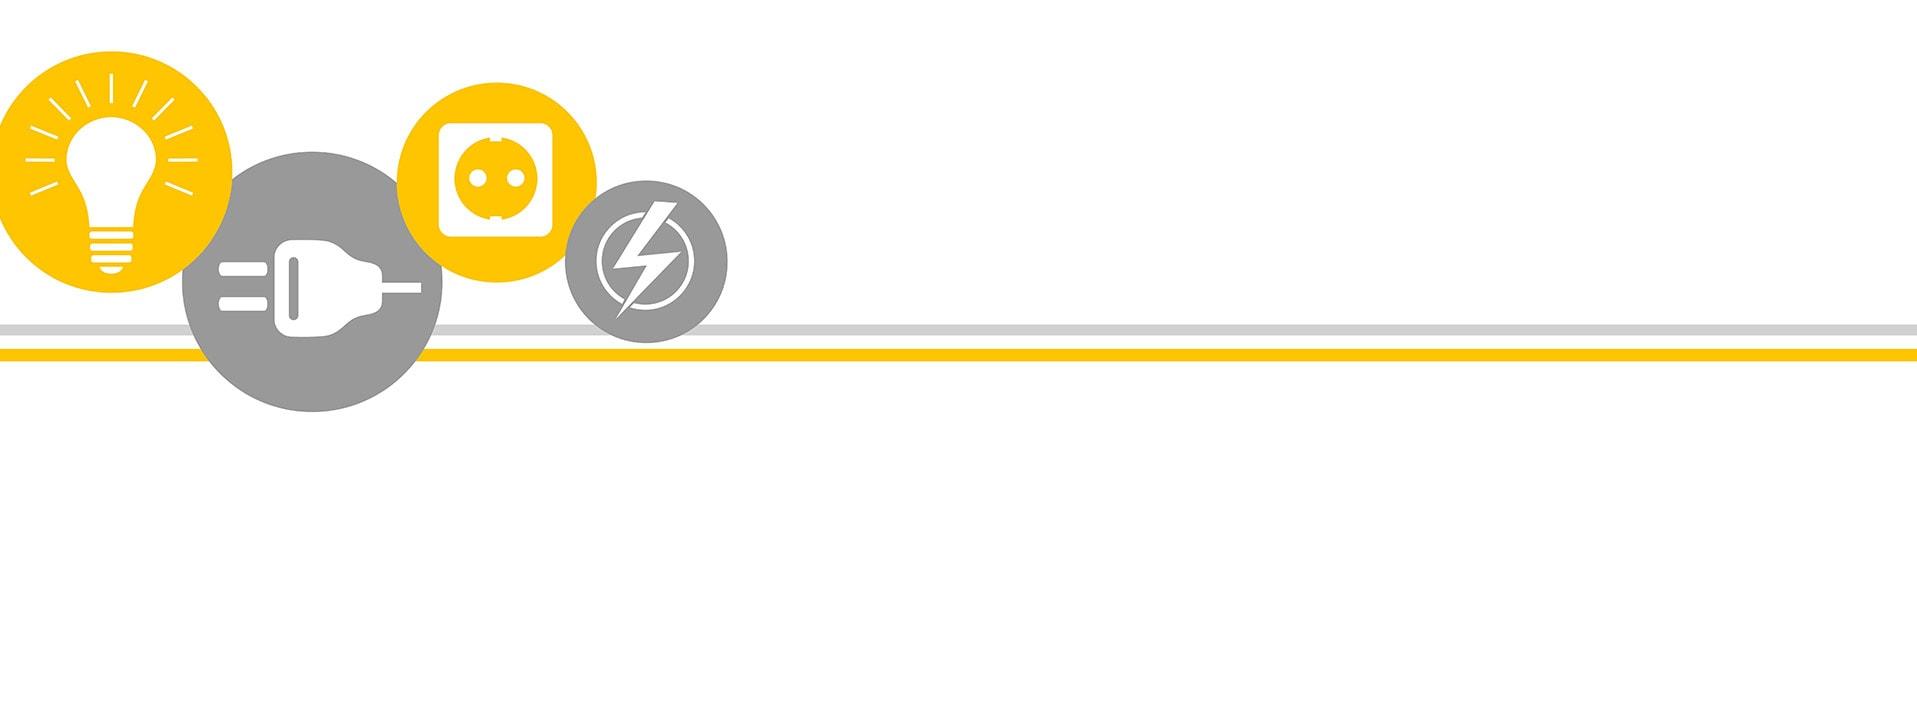 Fournisseur d'énergie (électricité et/ou gaz) :Comparez et Economisez jusqu'à 15%!